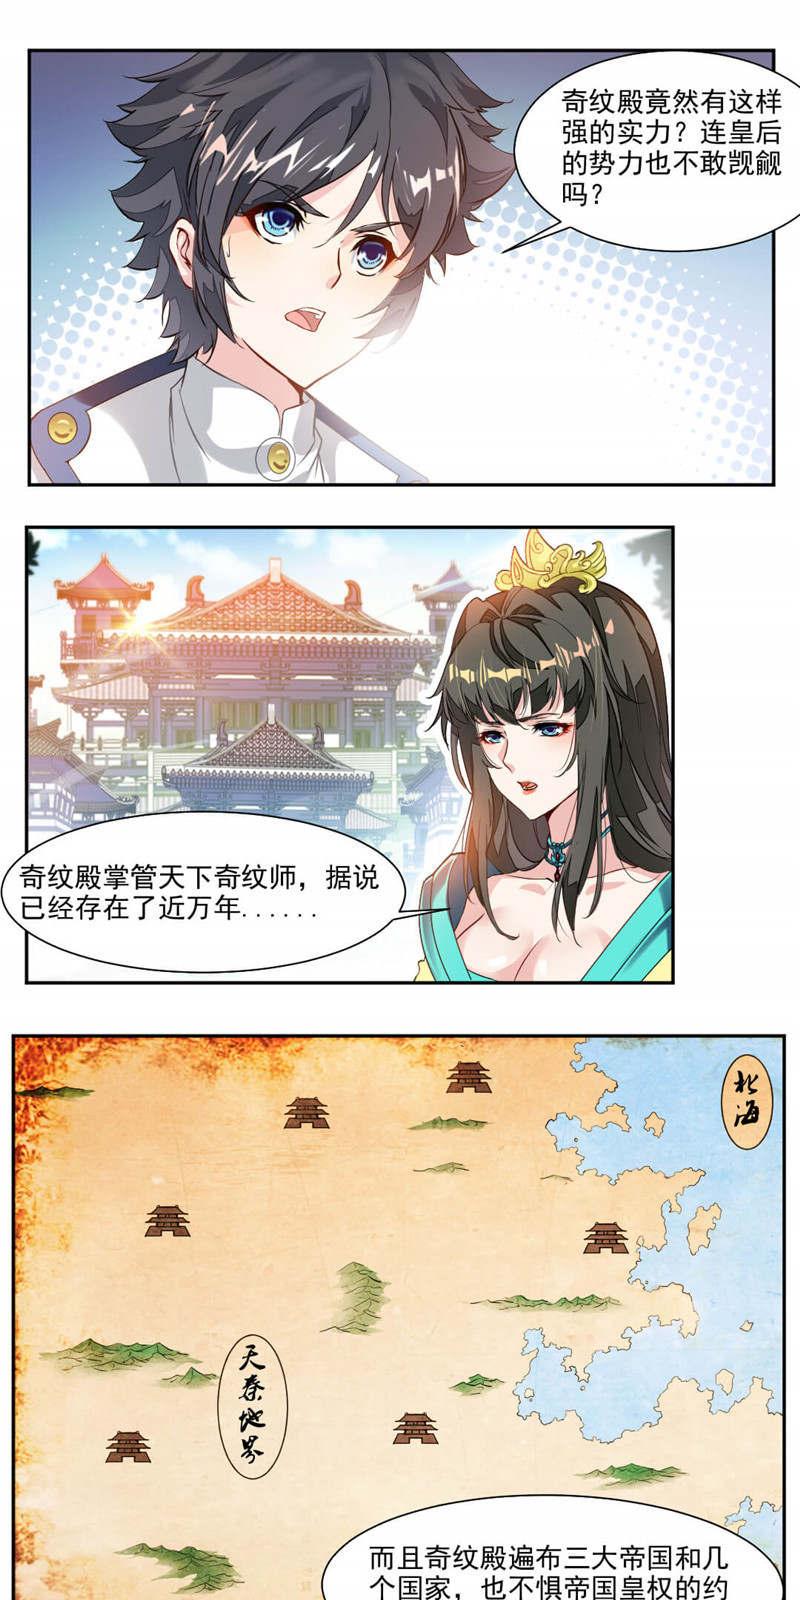 九阳神王第35话  震魂钟+震魂锤=? 第 4